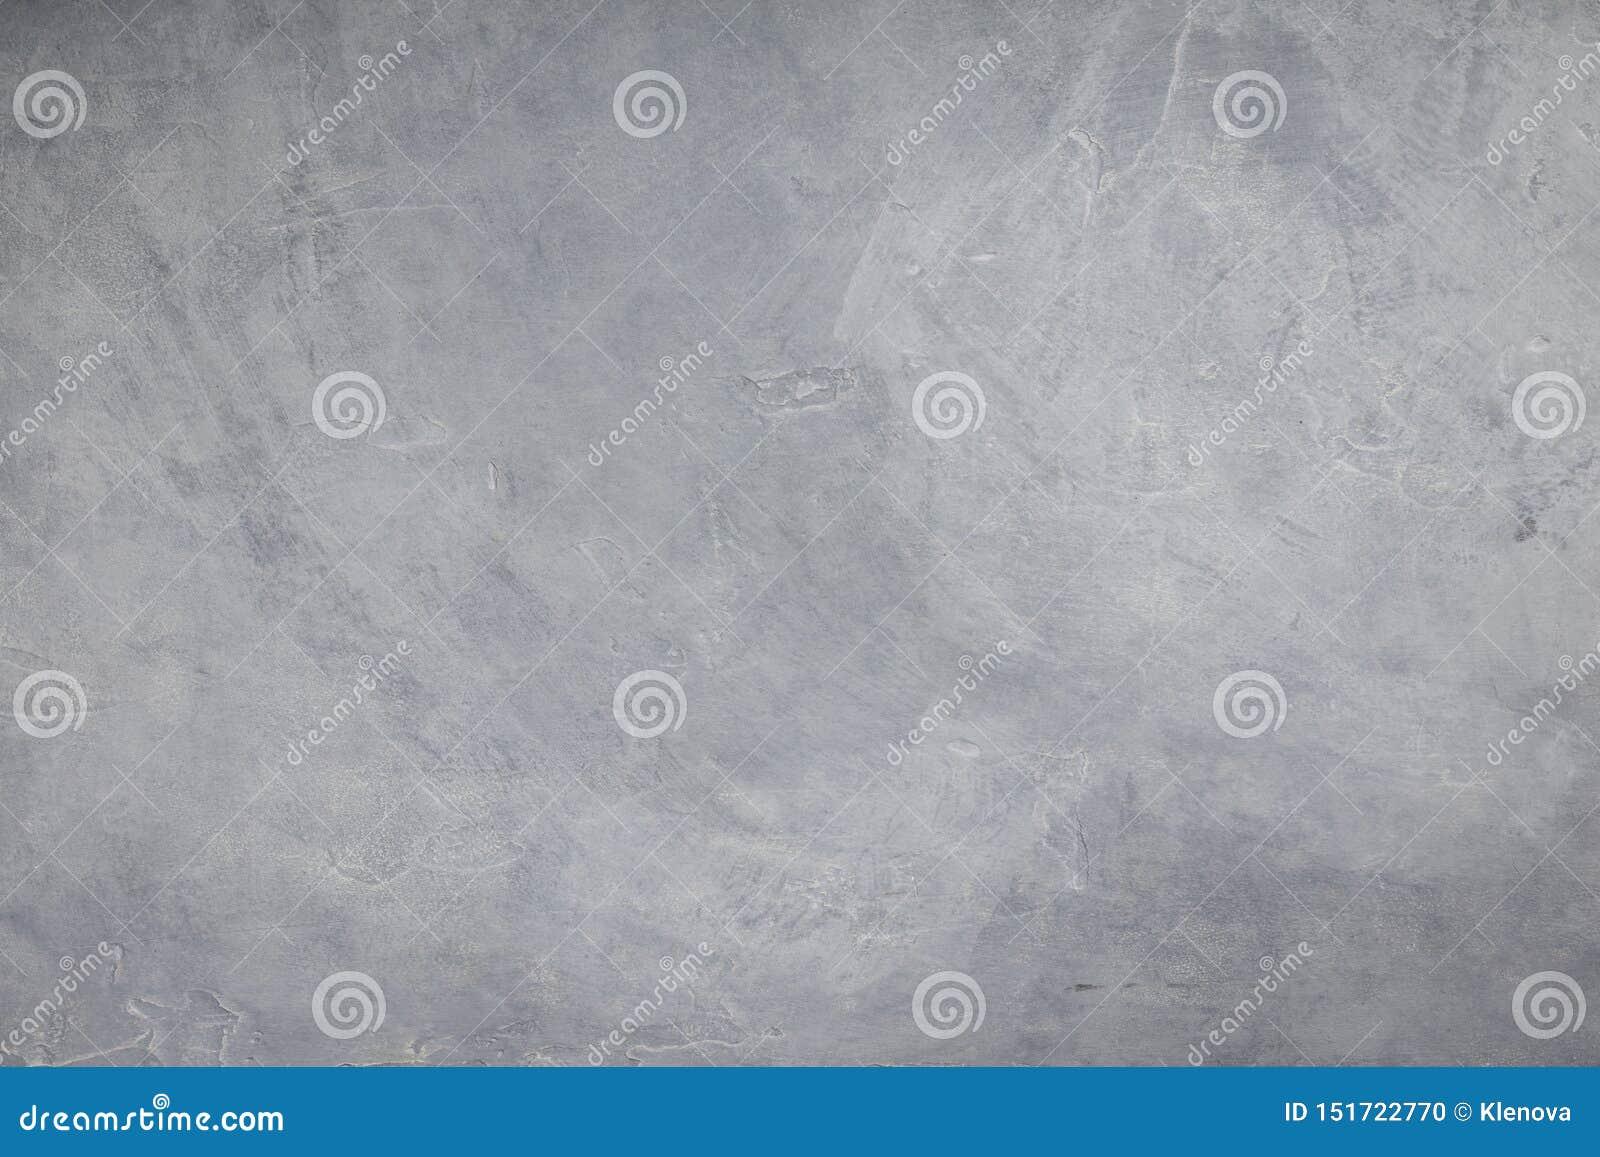 Mur Couleur Gris Beton mur en béton de couleur gris-clair, fond de texture de